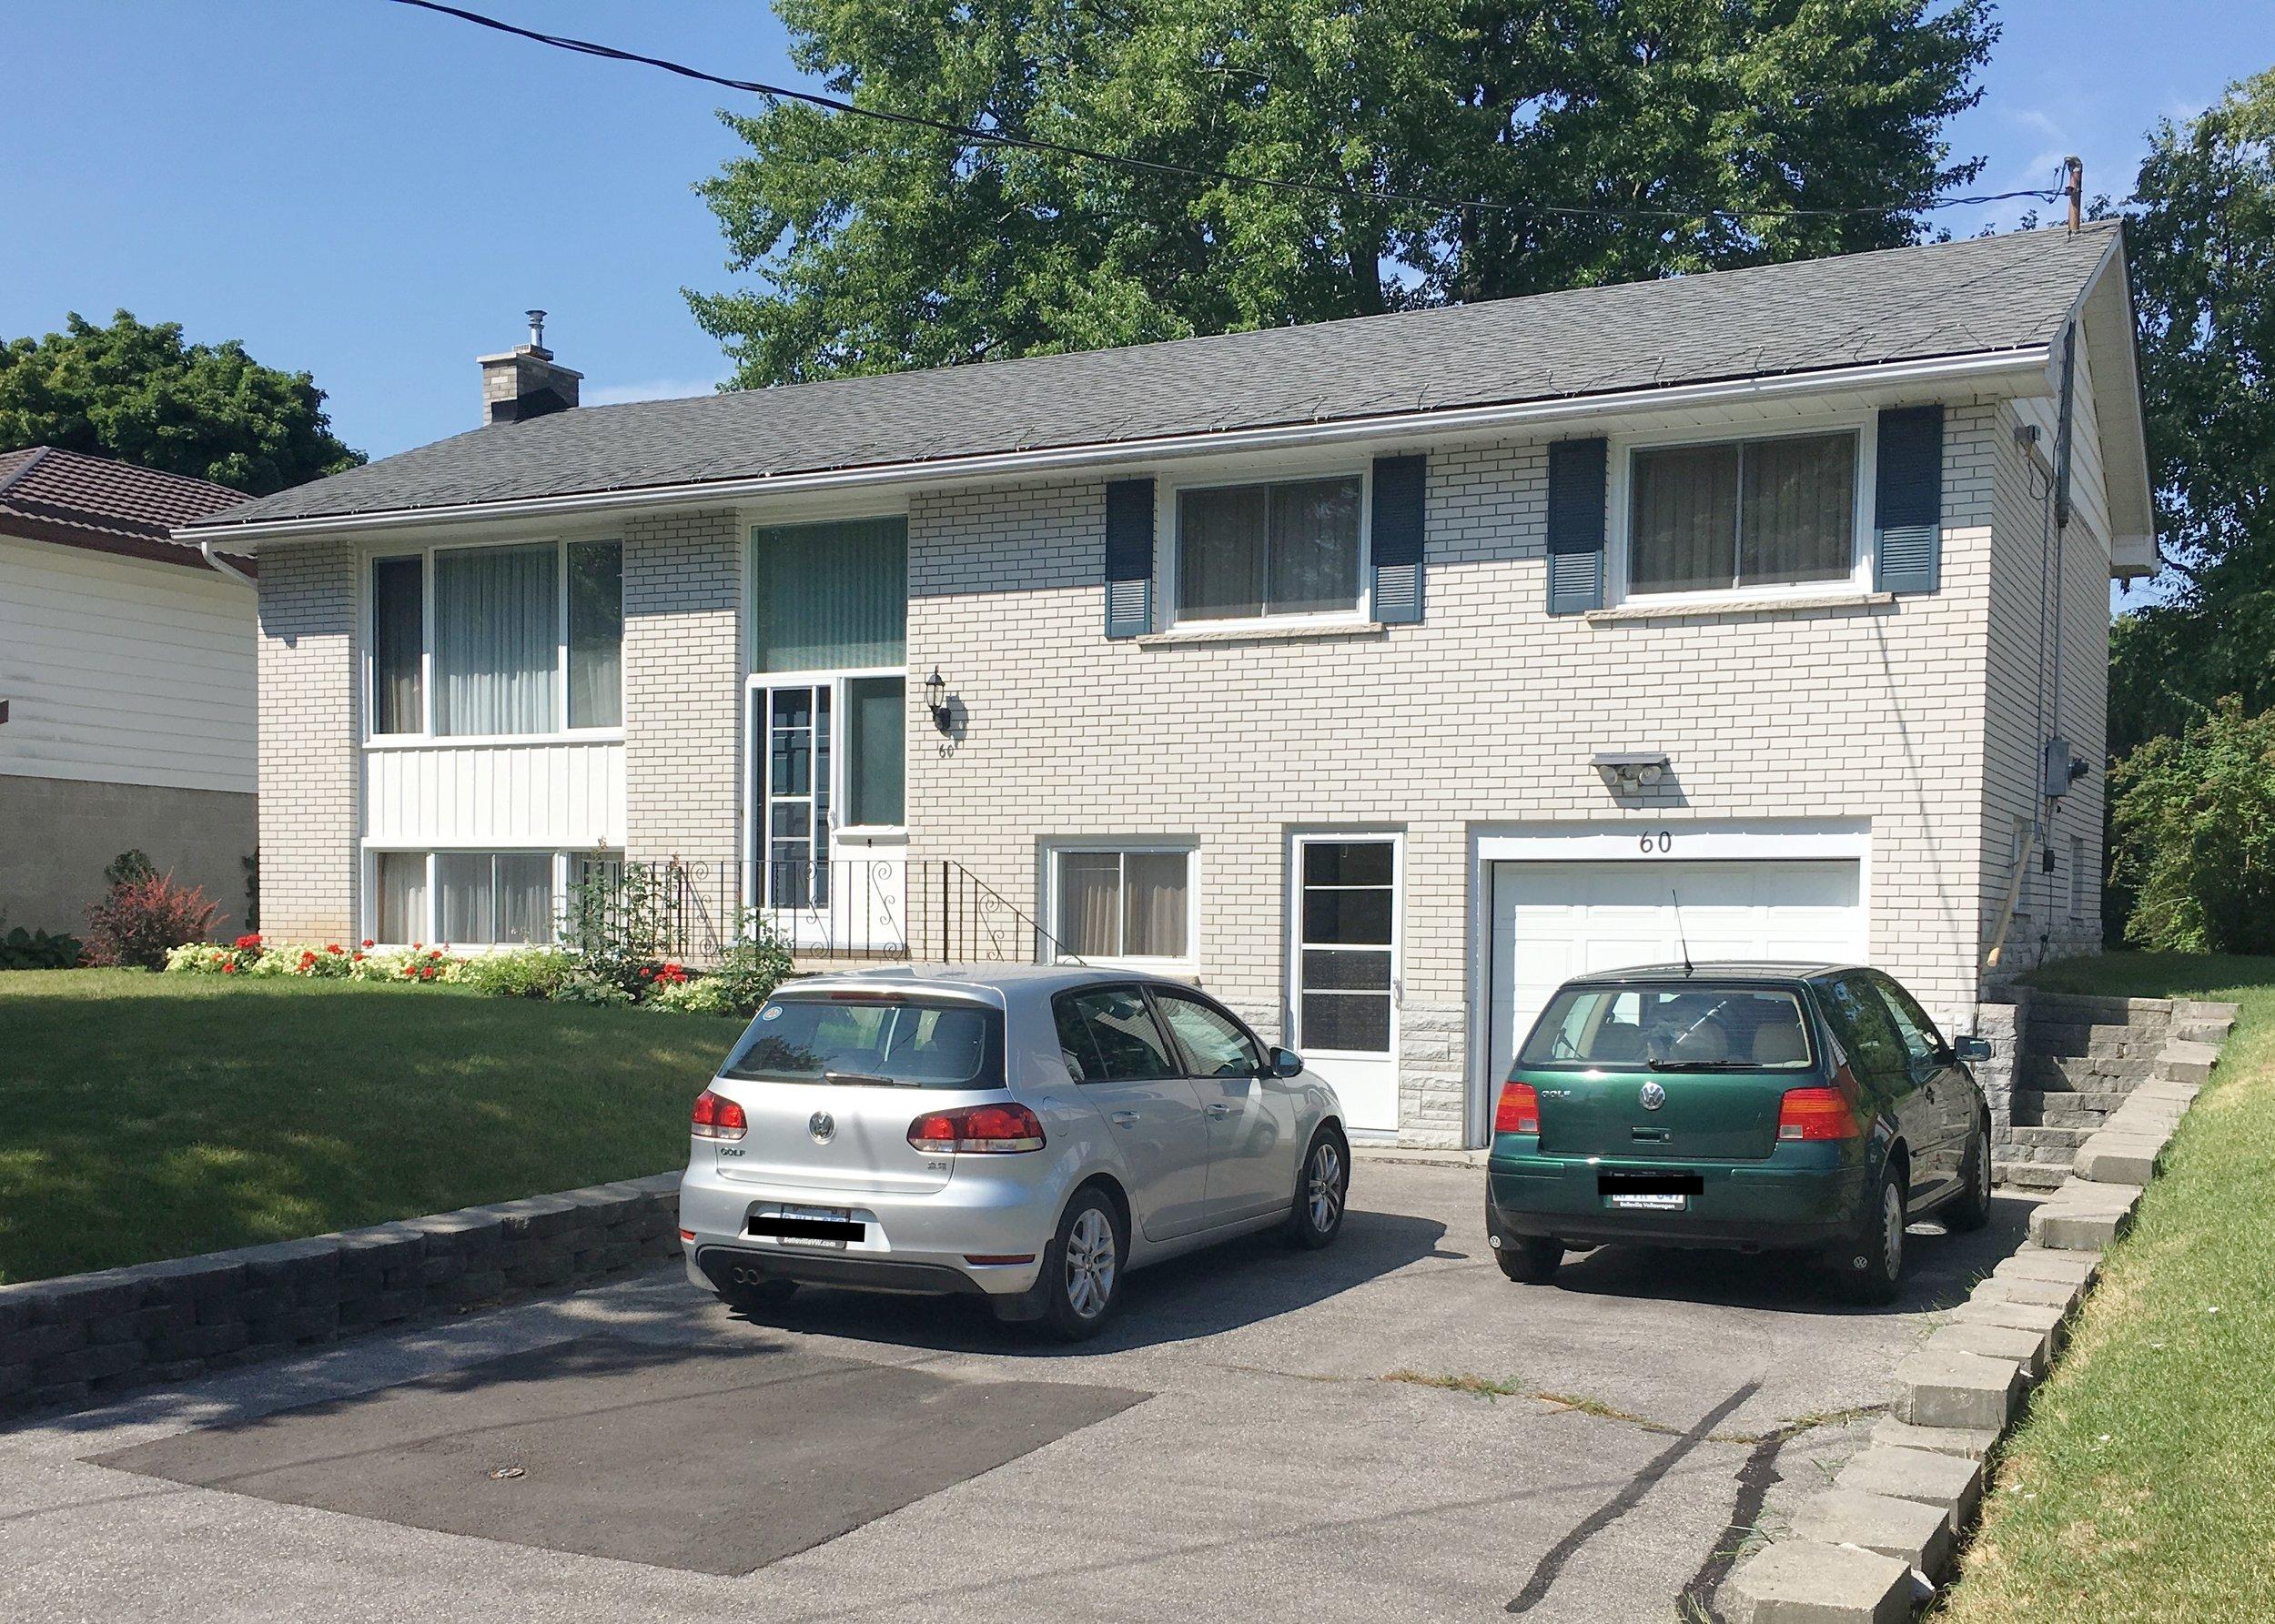 60 Keller Drive Belleville simplybellevillerealestate.com Front 2.jpg